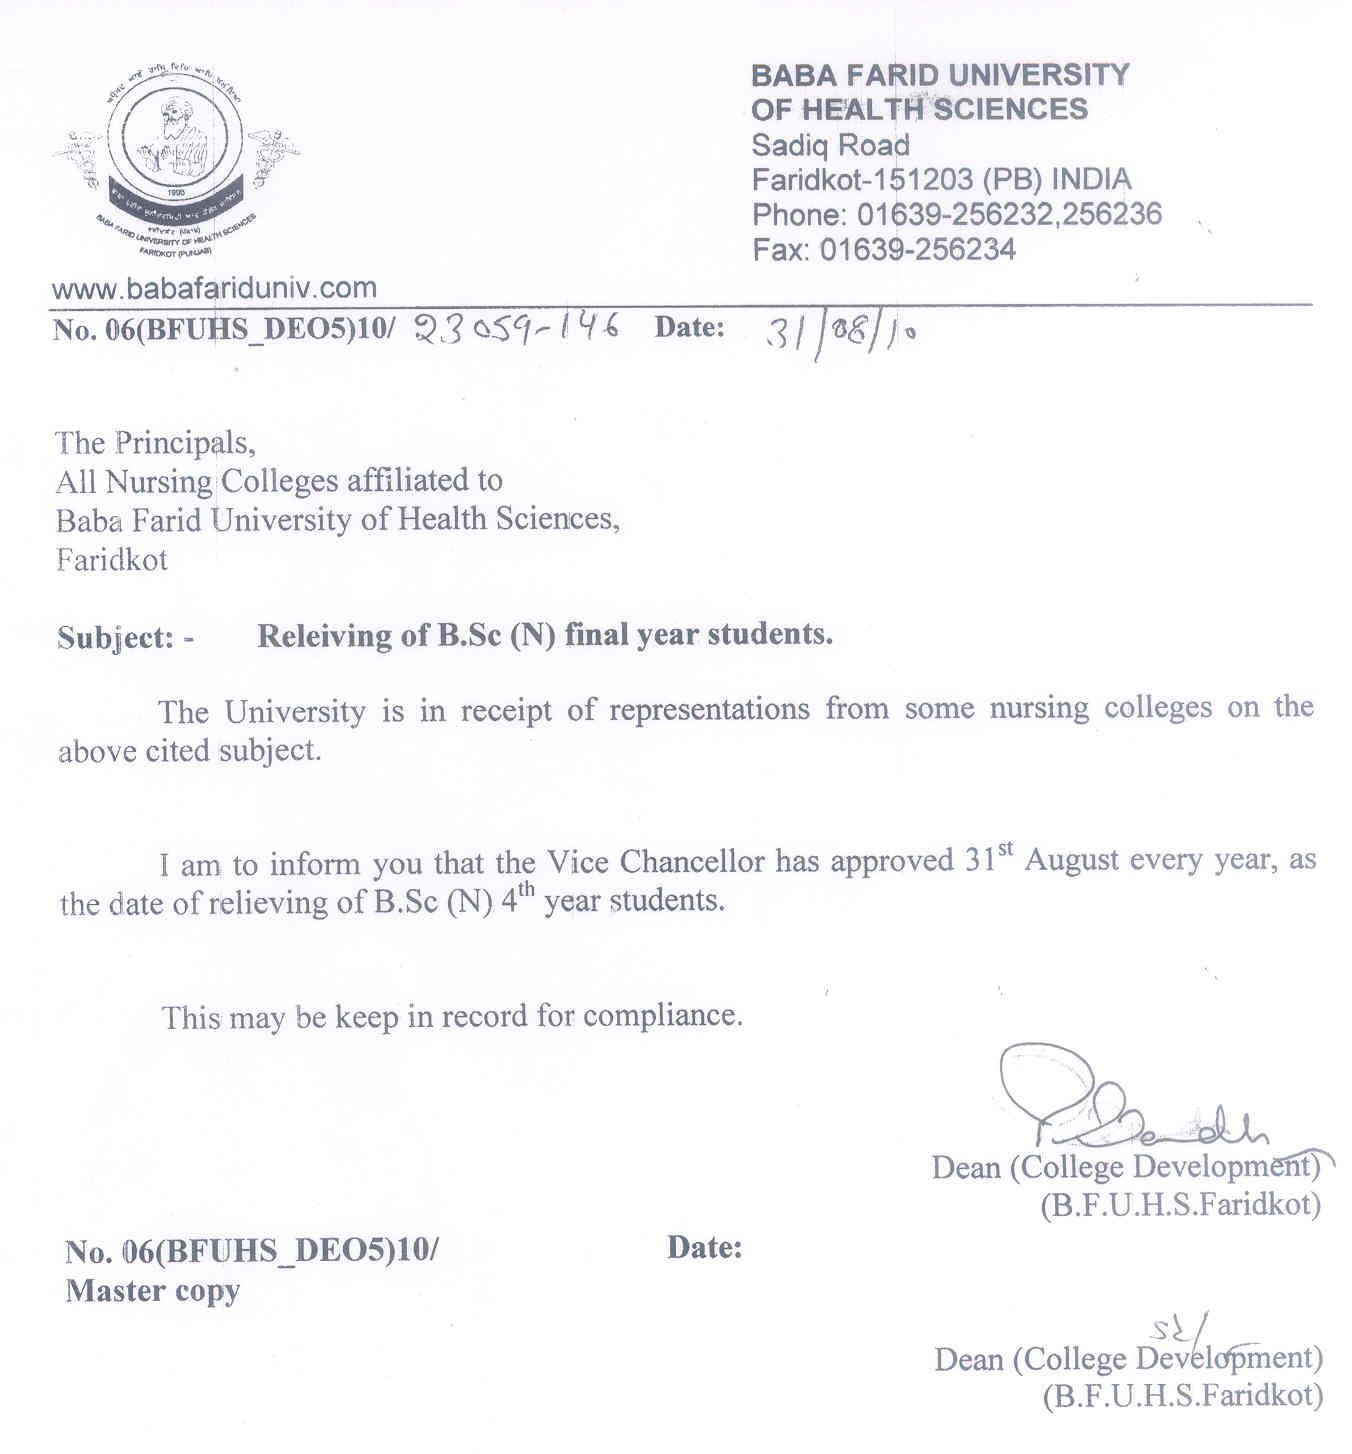 nursing letter of resignation baba farid university of health – Nursing Letter of Resignation